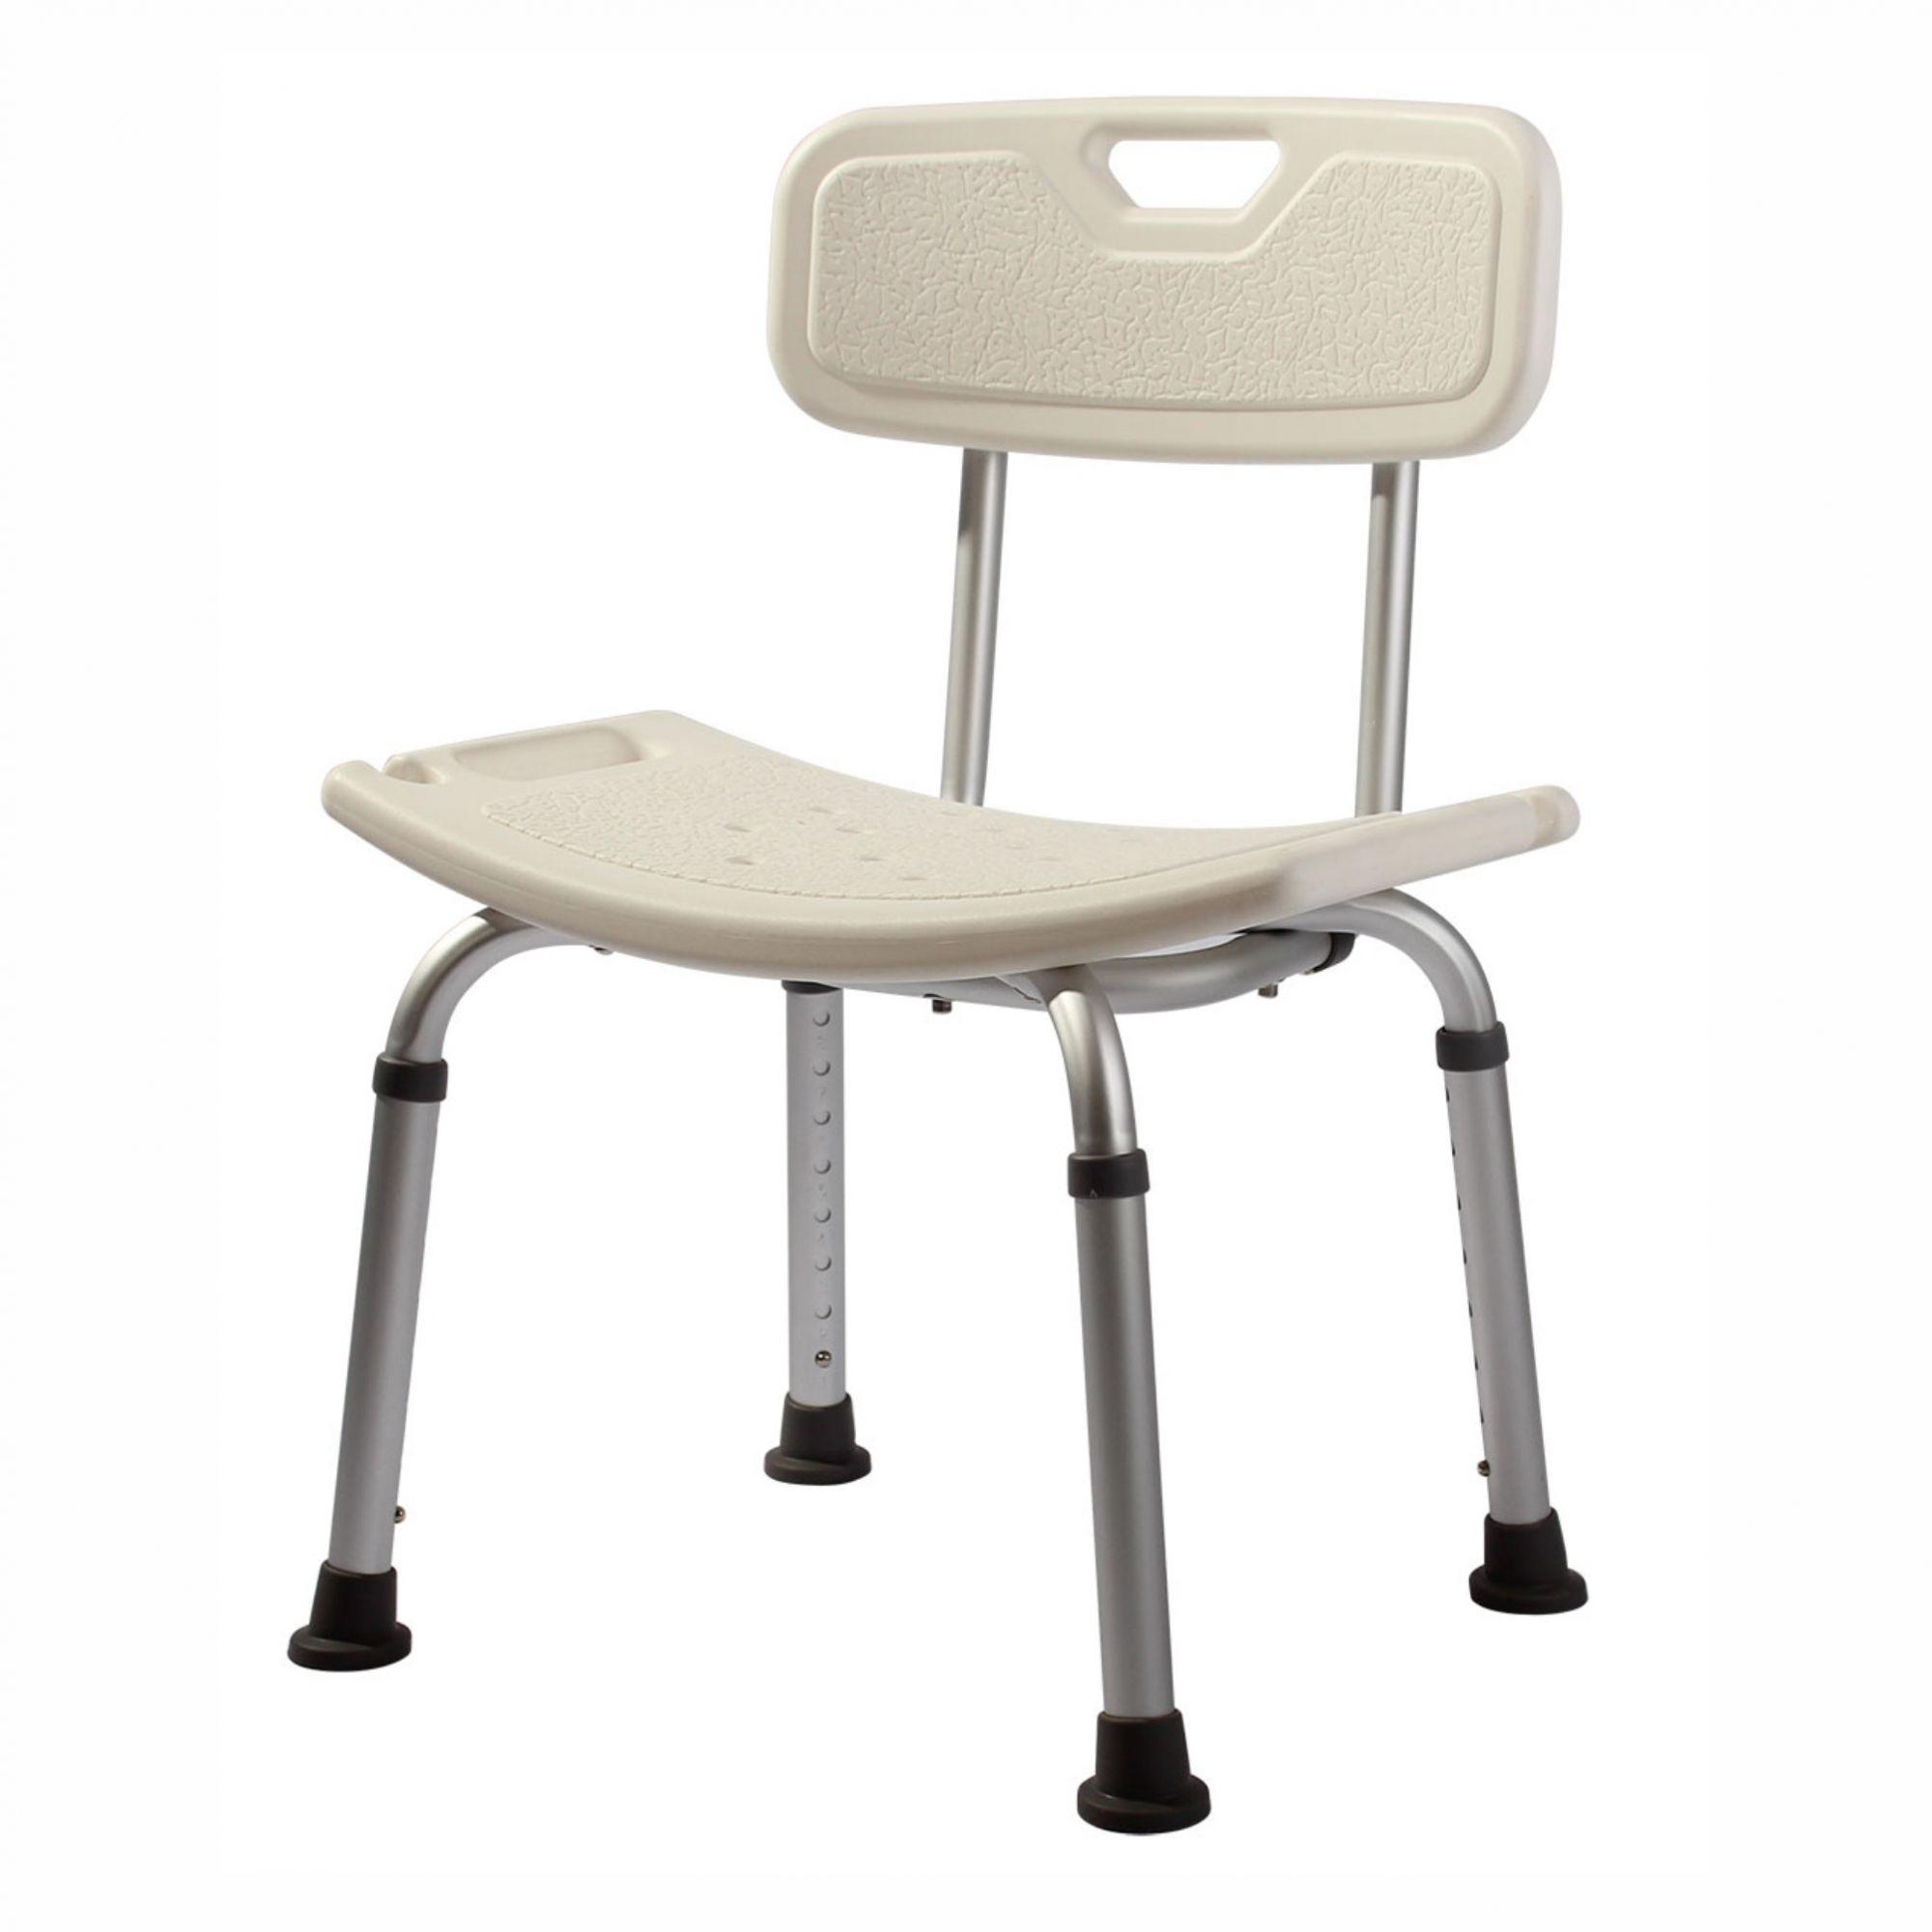 Cadeira de banho em alumínio Zimedical FST5104